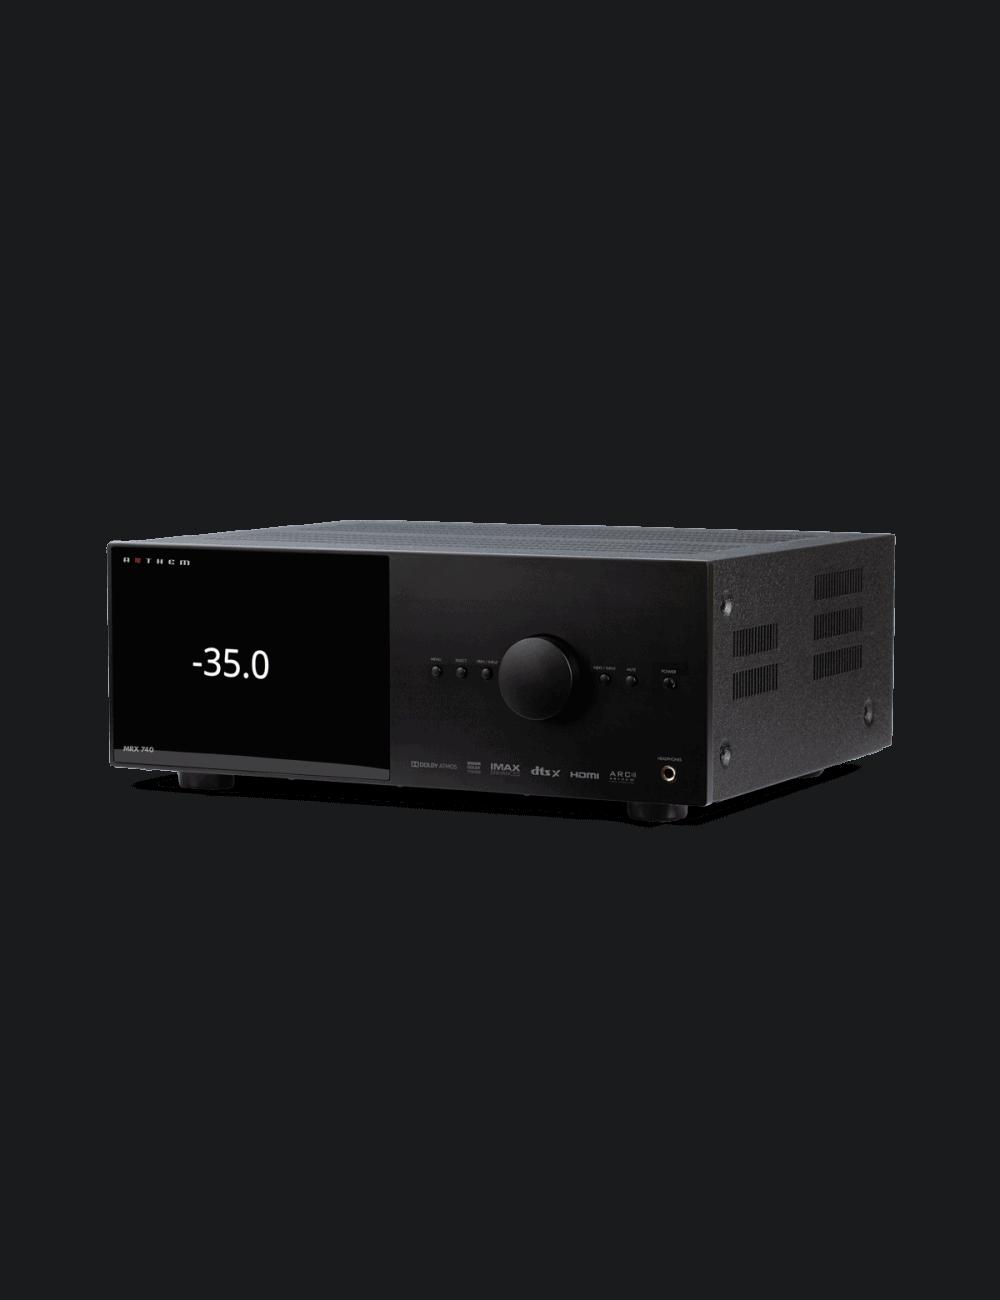 amplificatore audio video integrato,  Anthem MRX740, 7 canali da 140W per canale, uscite preamplificate fino a 15.2